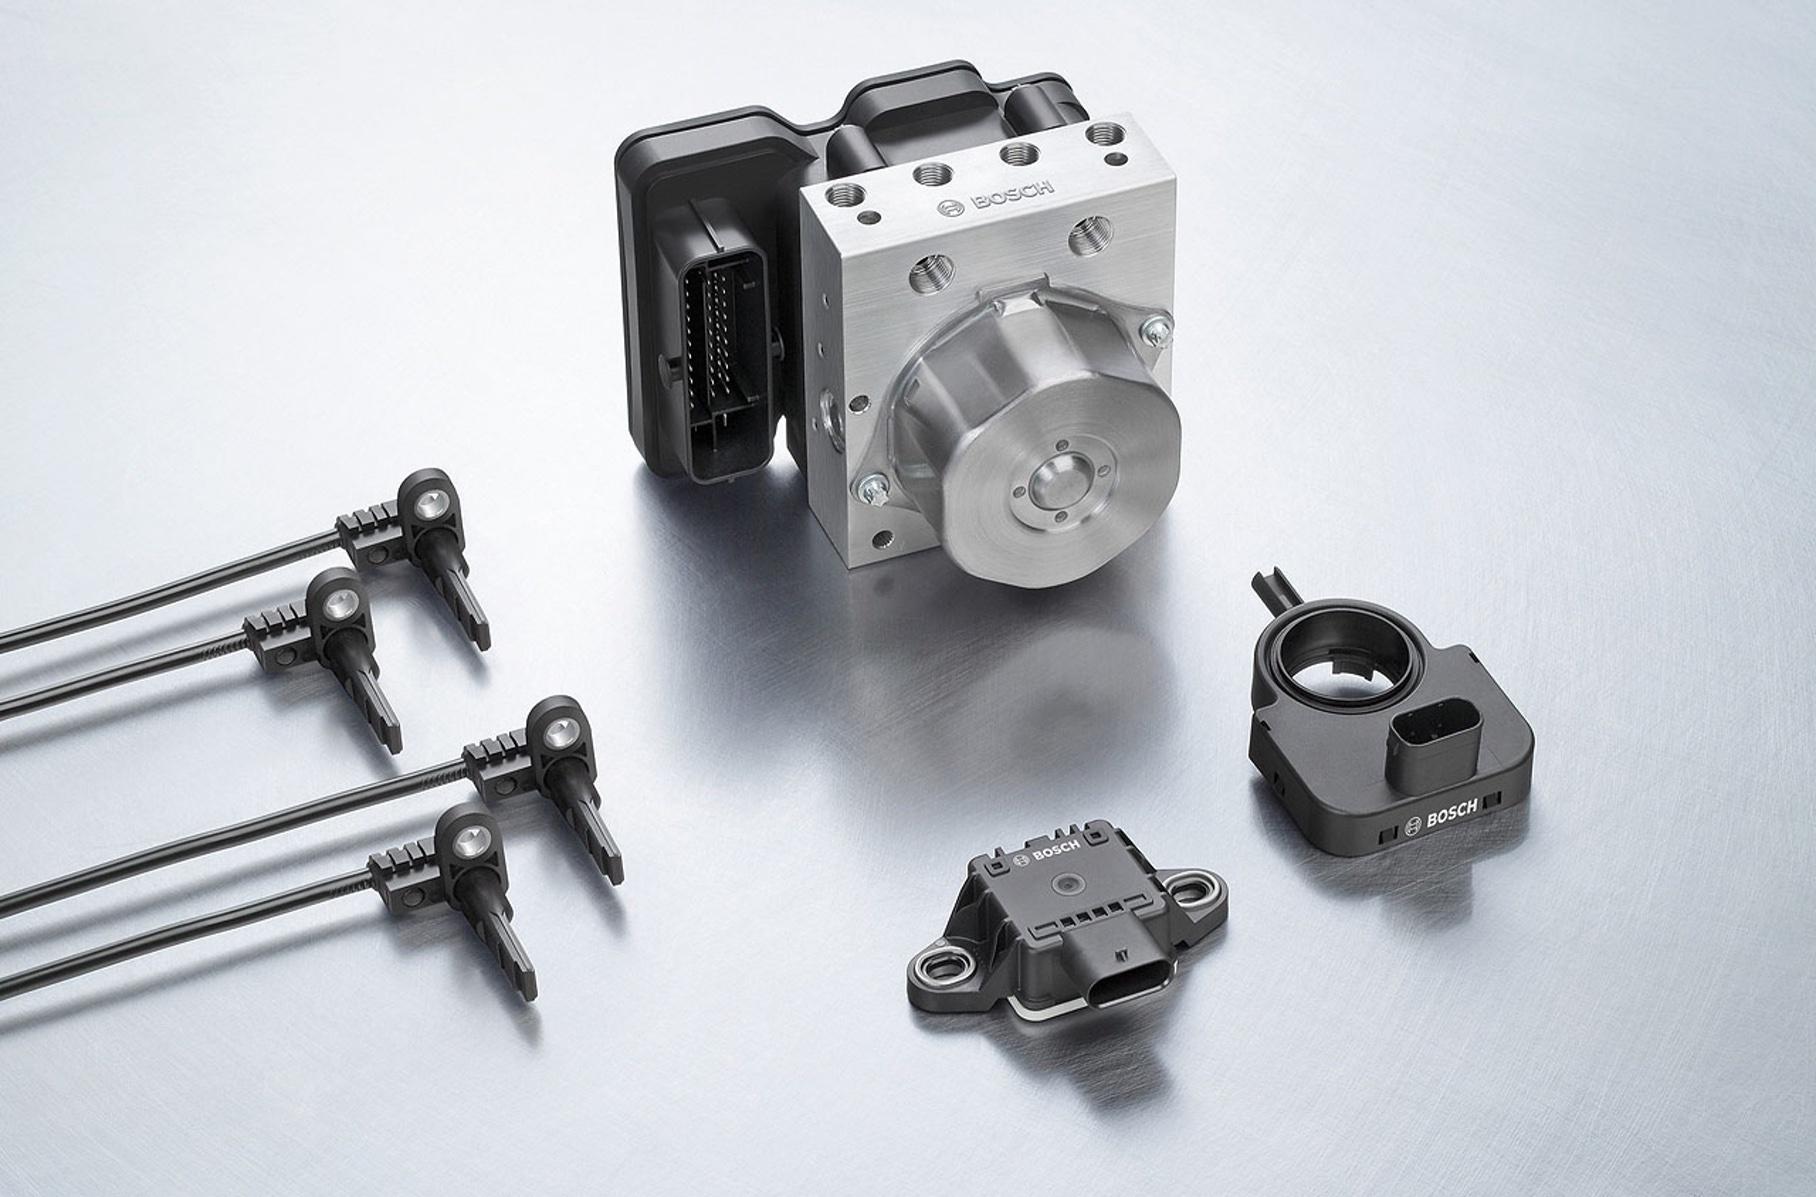 Стоимость дефицитных микрочипов Bosch в Китае выросла в 300 раз